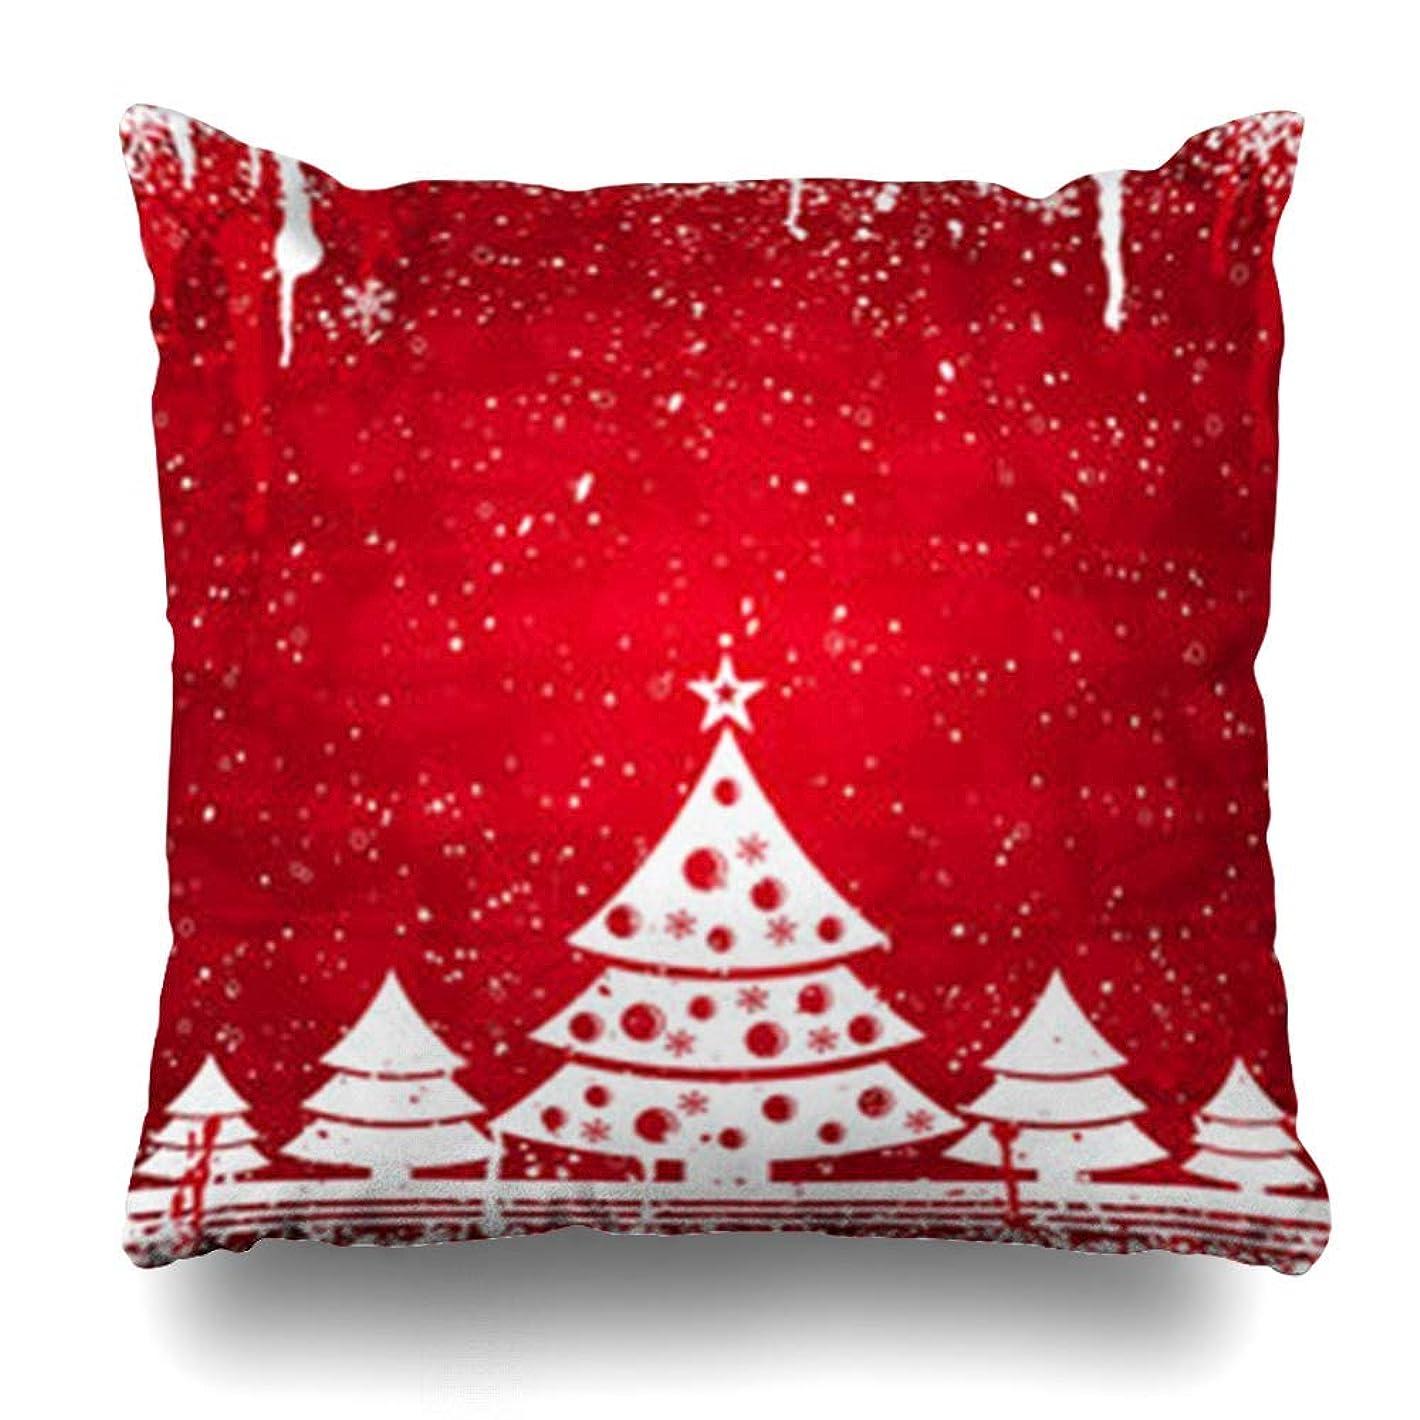 バンガローシェード否認するスロー枕カバー冬クリスマスネイチャーツリーホリデークリスマスモミ白Snowflakedesign定型化ホームデコレーションクッションケースSquare18 * 18インチ装飾ソファ枕カバー